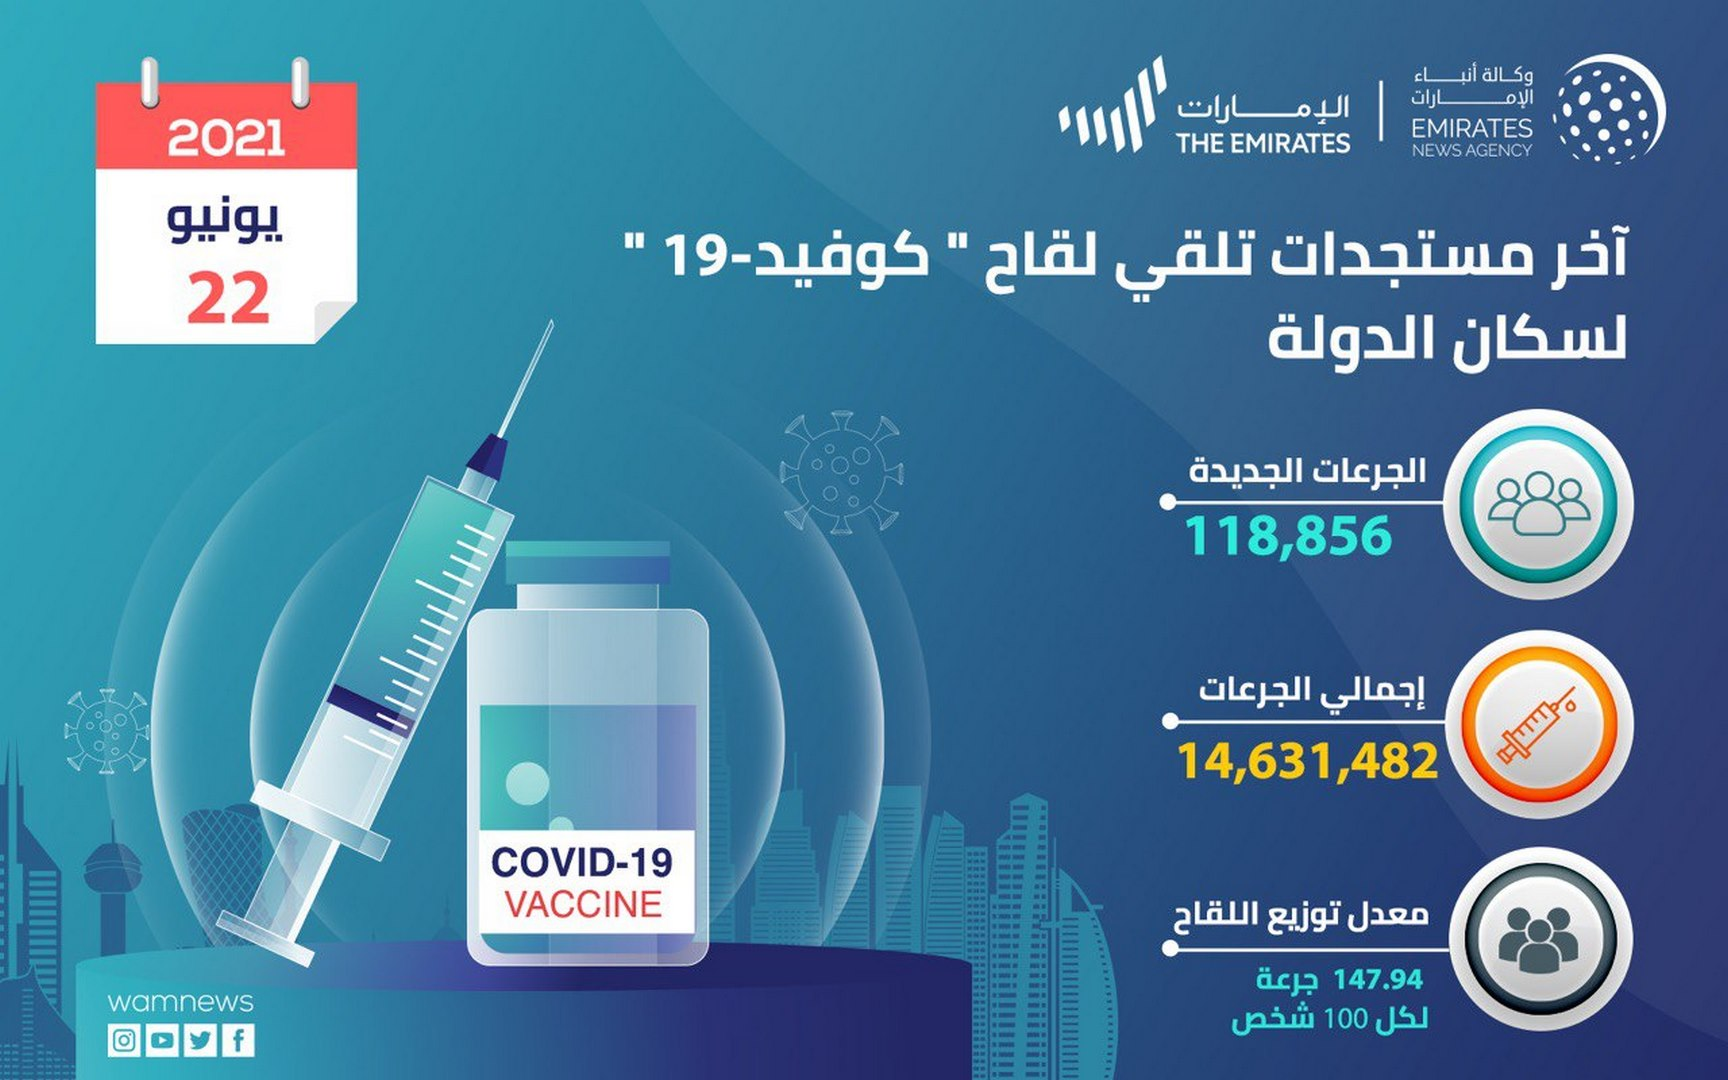 جرعات لقاح كورونا في الإمارات تتجاوز 14,6 مليون